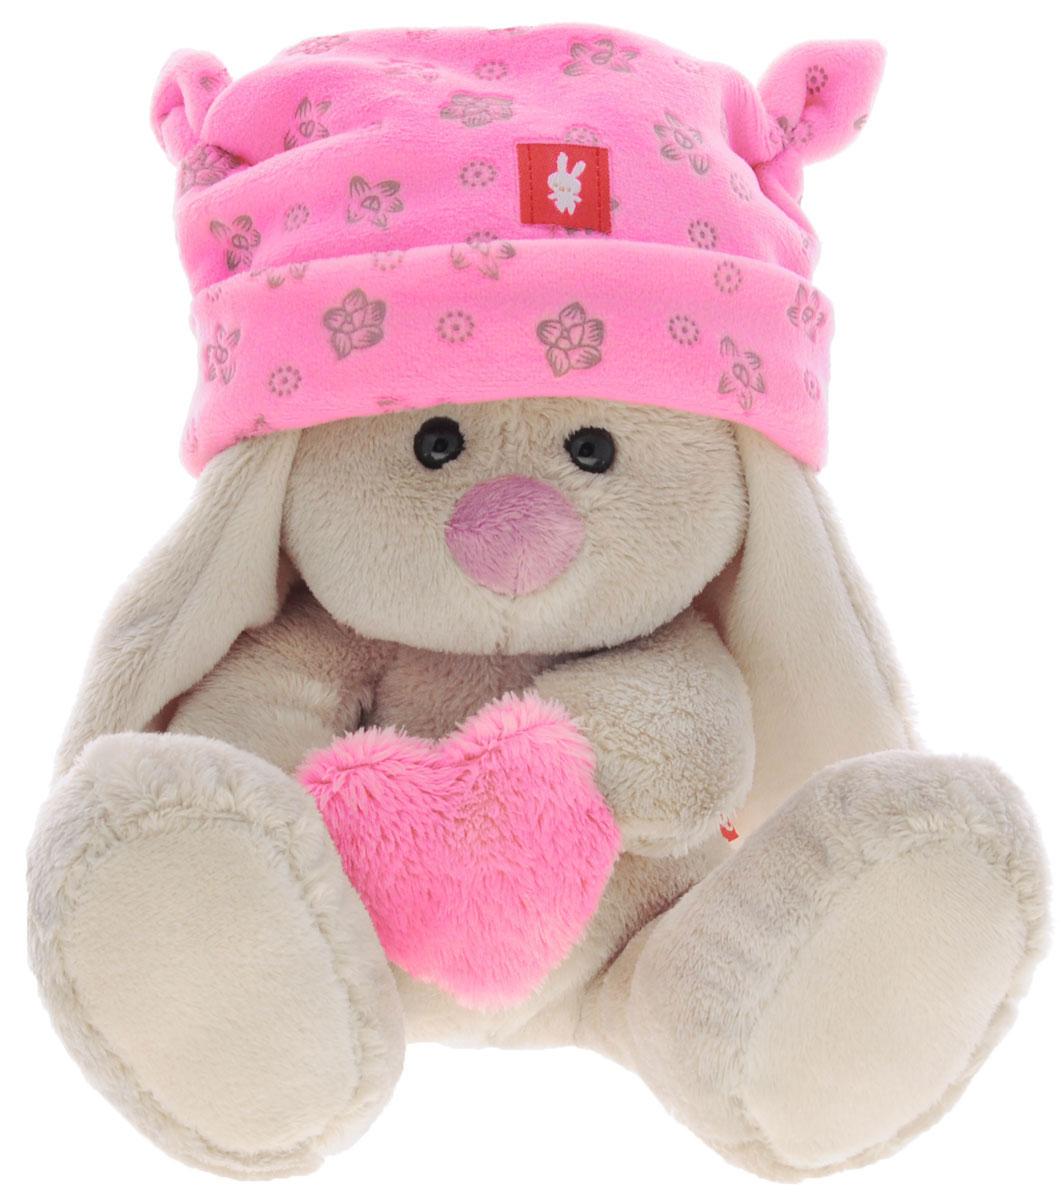 Мягкая игрушка Зайка Ми в шапке и с сердечком цвет розовый 15 смSidXt75Мягкая игрушка Зайка Ми подарит малышу немало прекрасных мгновений. Мягкая игрушка изготовлена на основе сказочных образов двух зайчиков. Зайки Мика и Мия похожи друг на друга, как две пуговки на одной рубашке. Поэтому все зовут их ЗайкаМи. Эти милые зайки необыкновенно творческие натуры и ни минуты не сидят без дела. Выбери своего Зайку, или собери их несколько вместе! У Зайки маленькие черные глазки, длинные мягкие ушки и симпатичный носик. У игрушки необыкновенно нежная, розовая шапочка с отворотом и оригинальными завязками-ушками. Ткань - хлопок с цветочным принтом. Зайчонок крепко держит в лапках розовое плюшевое сердечко. Мягкие игрушки очень полезны для малышей, потому как весьма позитивно влияют на детскую нервную систему, прогоняя всевозможные страхи. Играя, малыш развивает фантазию и воображение, развивает тактильную чувствительность и хватательные рефлексы. Игрушка выполнена из нетоксичных гипоаллергенных материалов и содержит мелкие гранулы,...